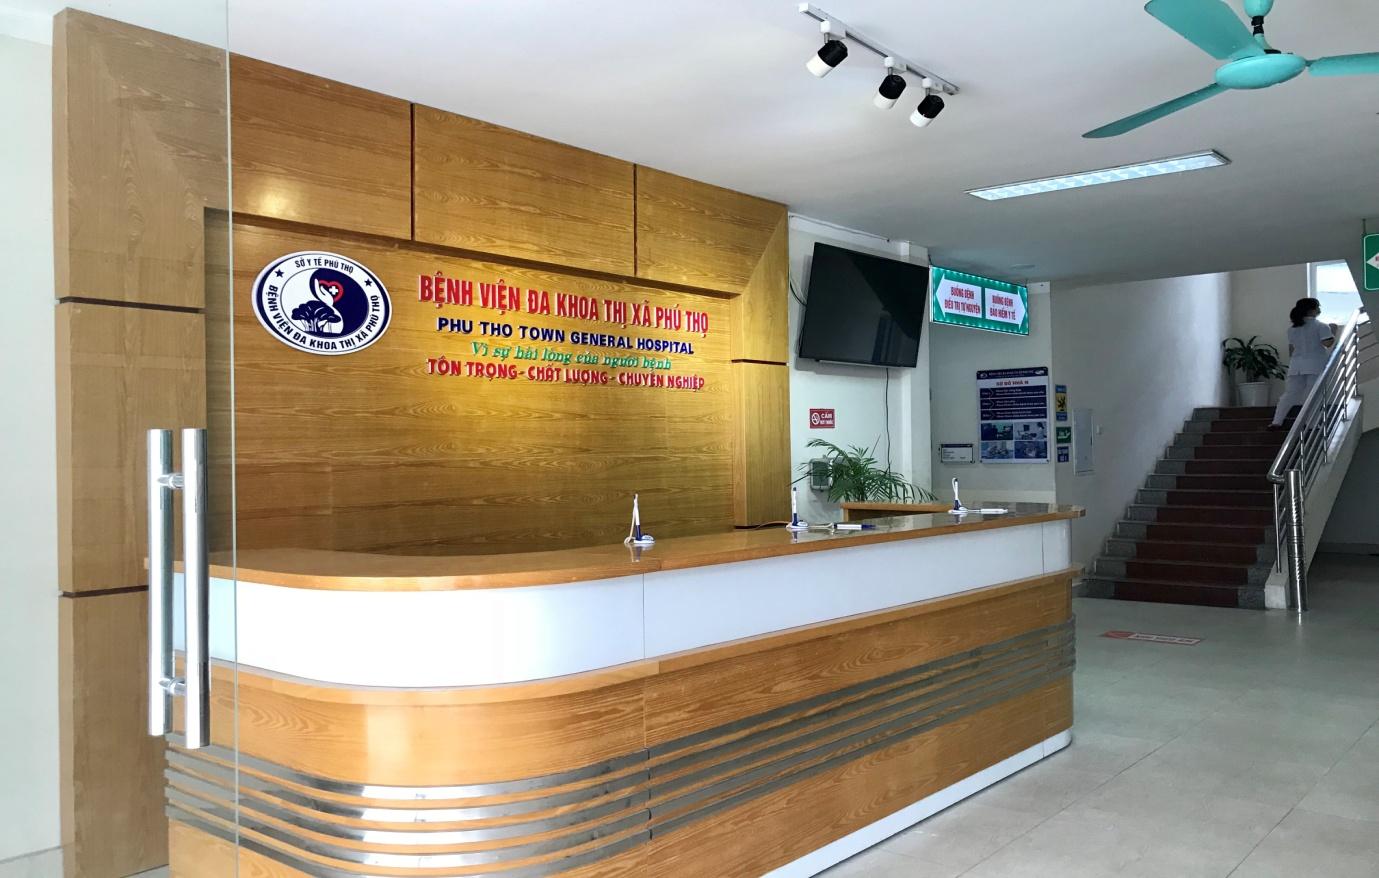 Bệnh viện Đa khoa Thị xã Phú Thọ tăng cường công tác phòng cháy, chữa cháy - Ảnh 2